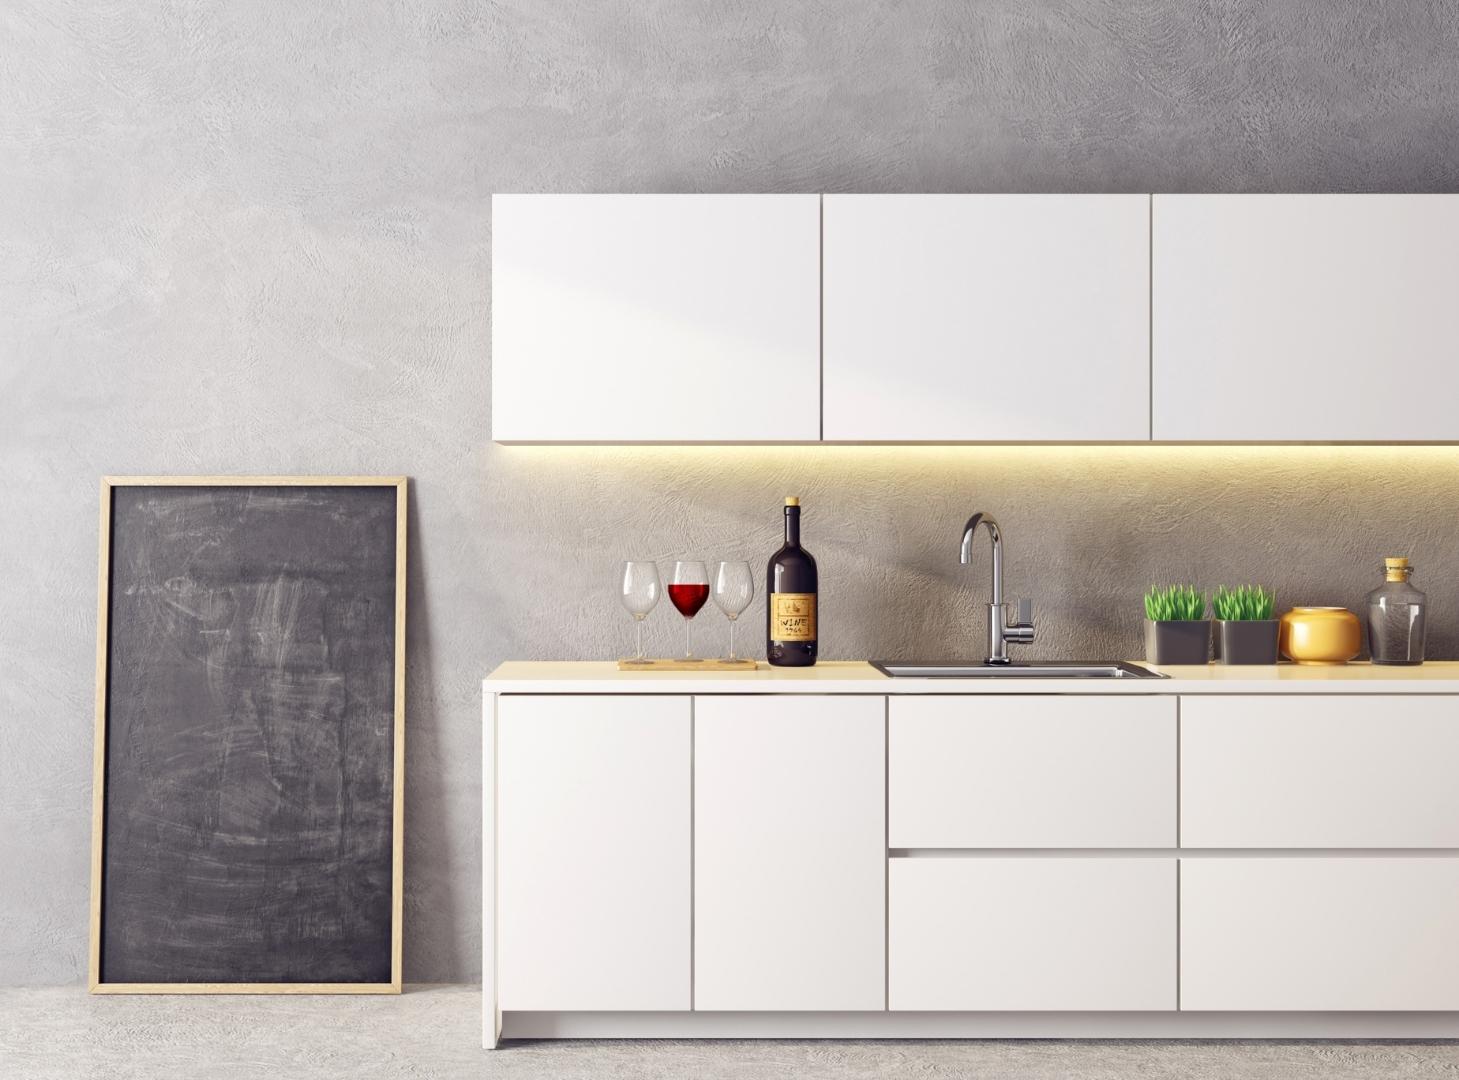 thiết kế tủ bếp chữ I phong cách tối giản